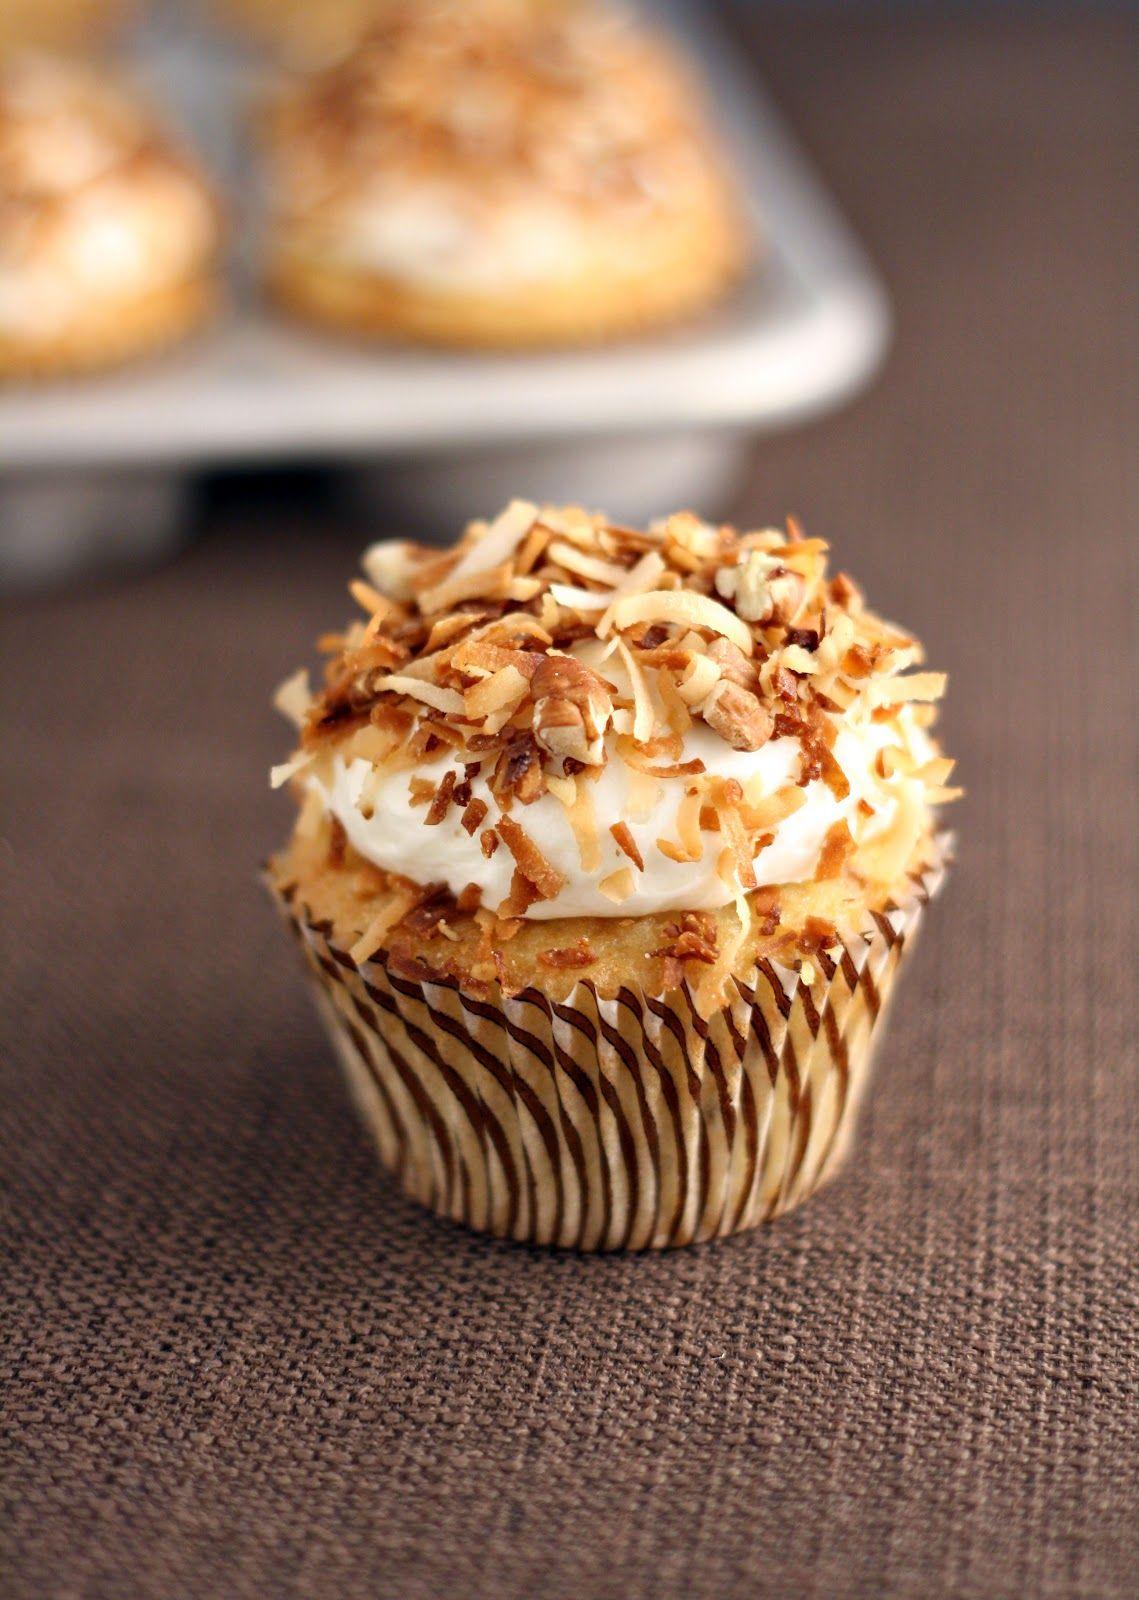 dinner or dessert: italian cream cupcakes